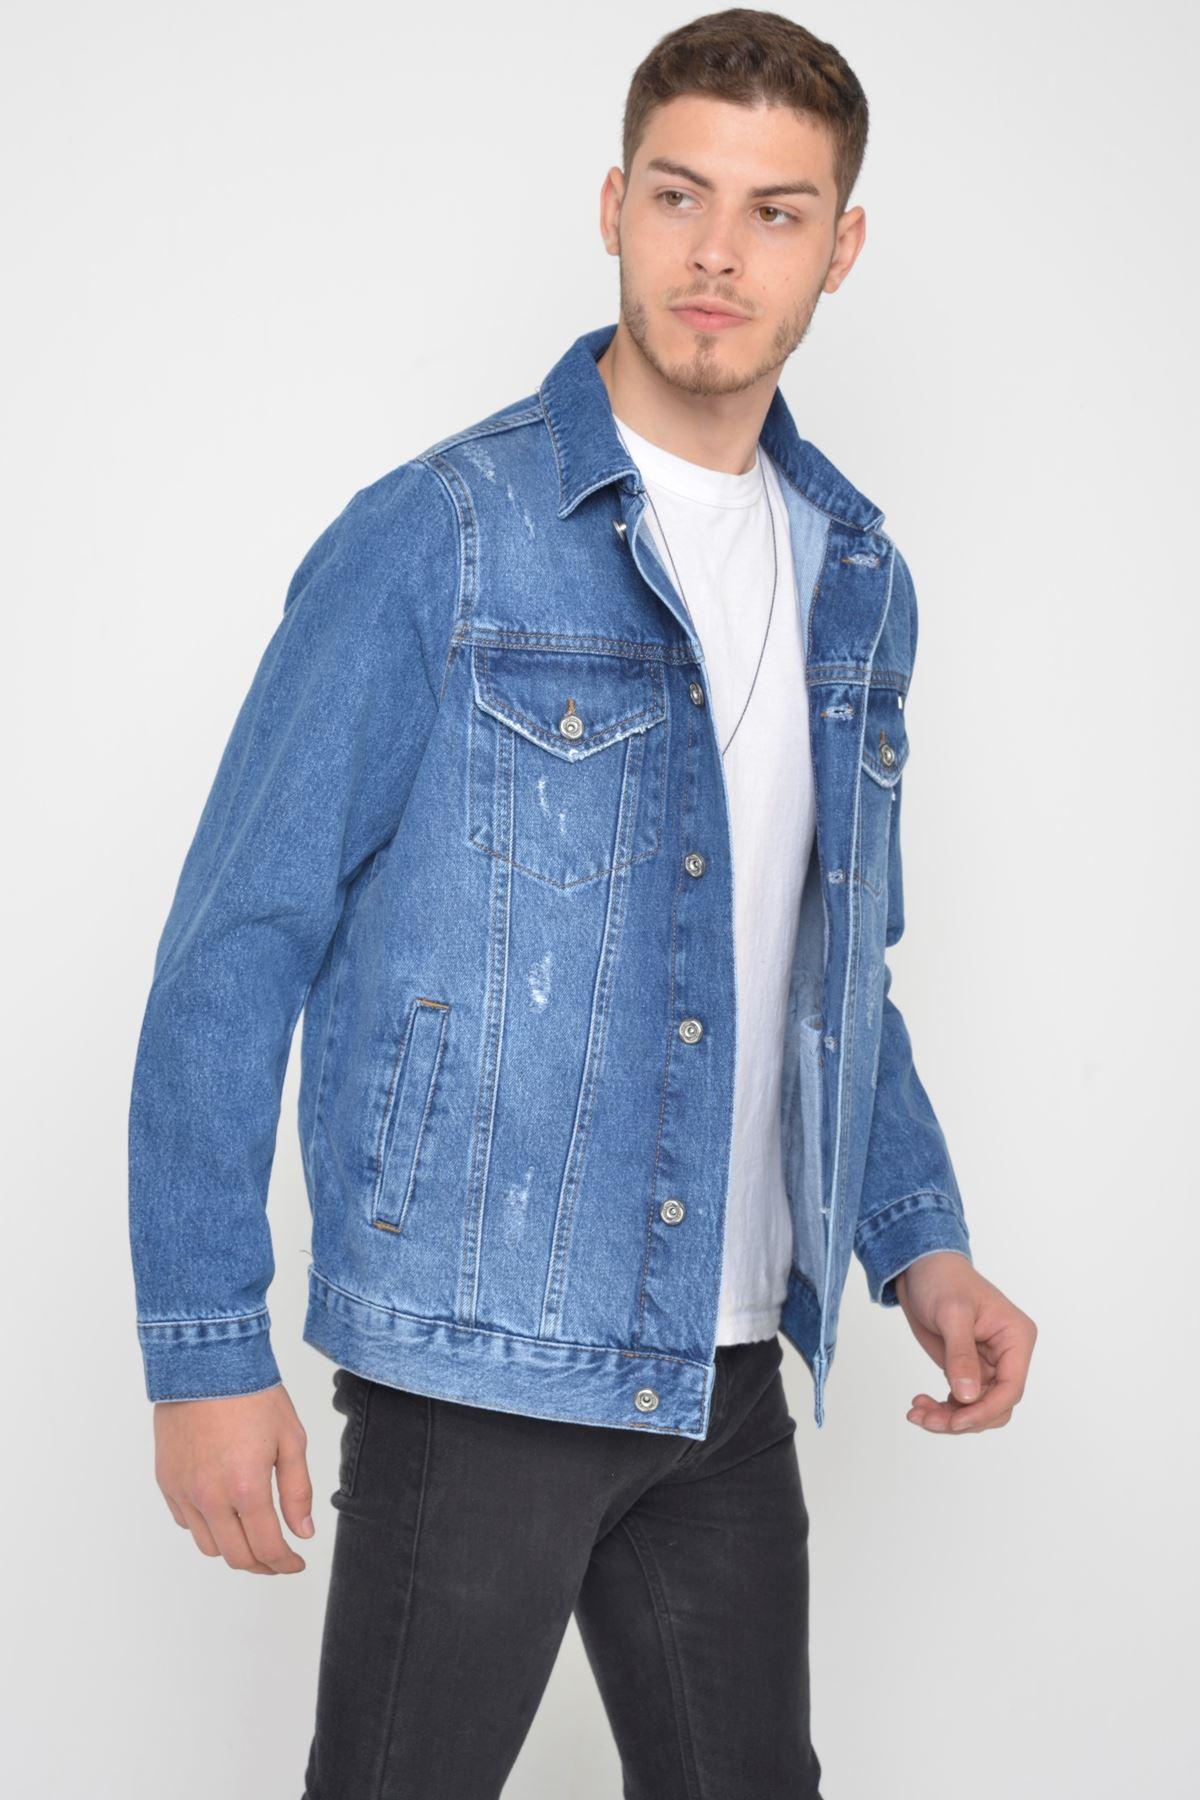 Oversize Mavi Yıkamalı Yıpratmalı Düğmeli Erkek  Kot Ceket